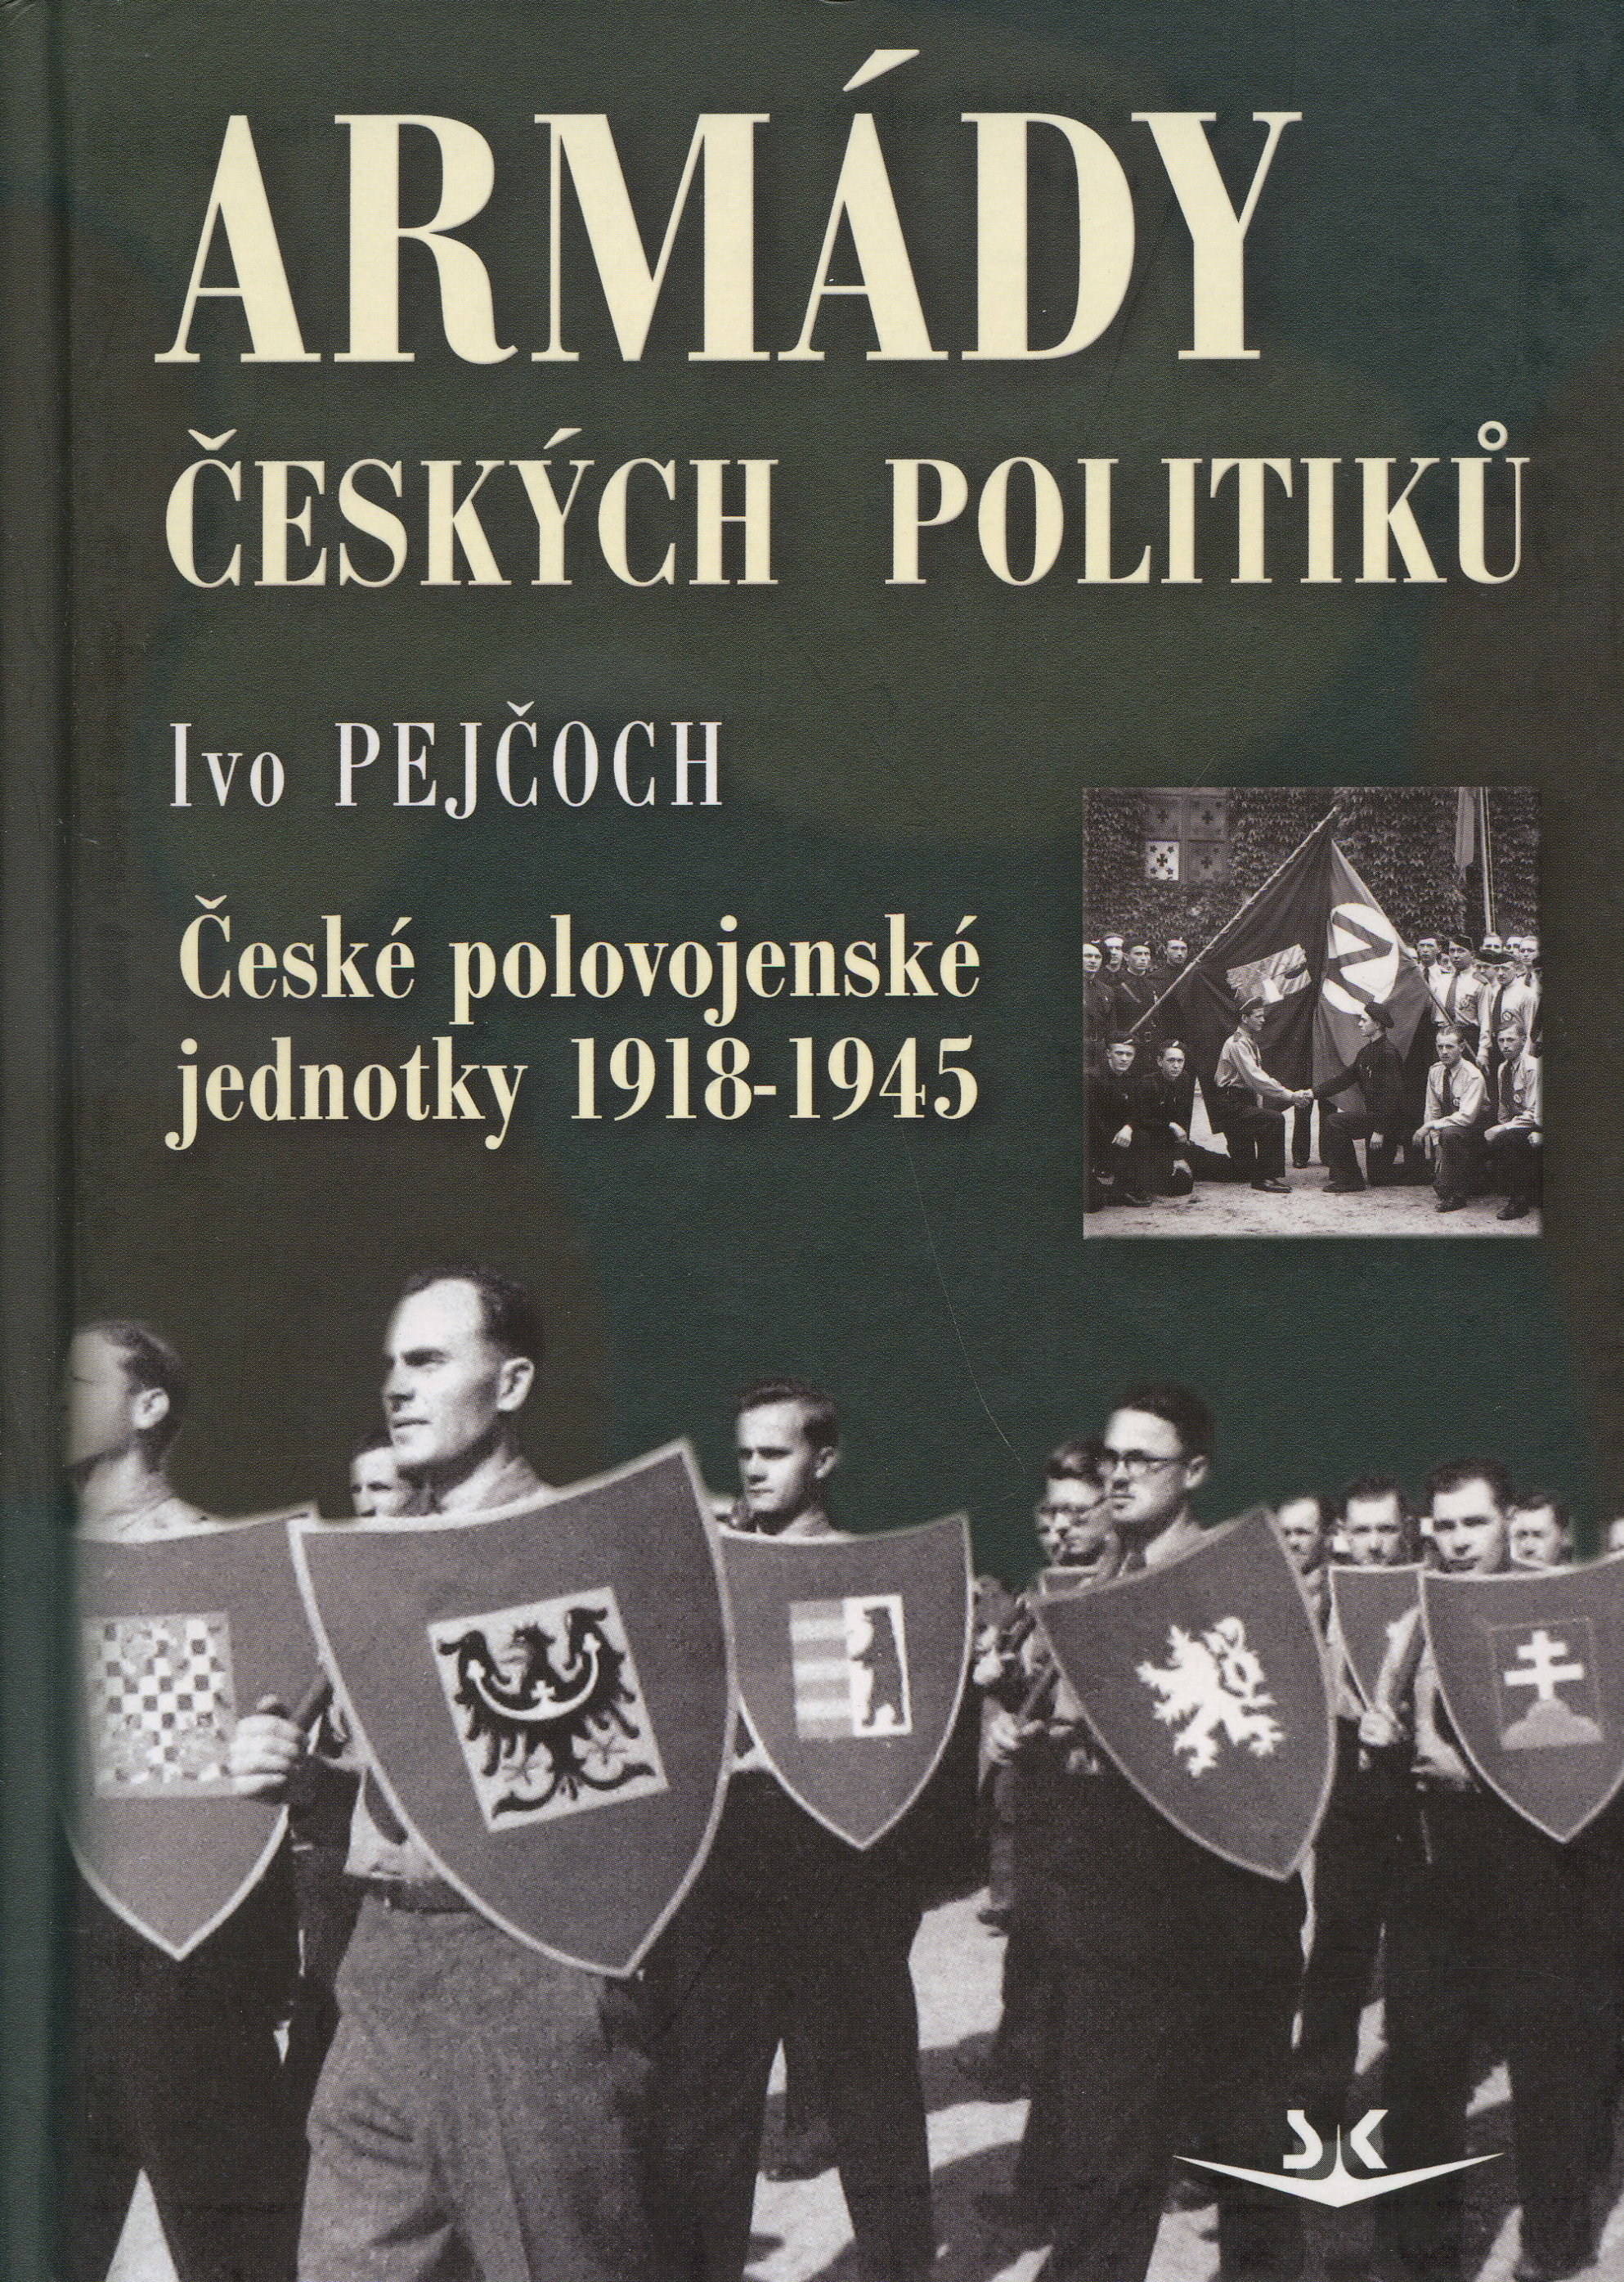 Armády českých politiků - České polovojenské jednotky 1918-1945